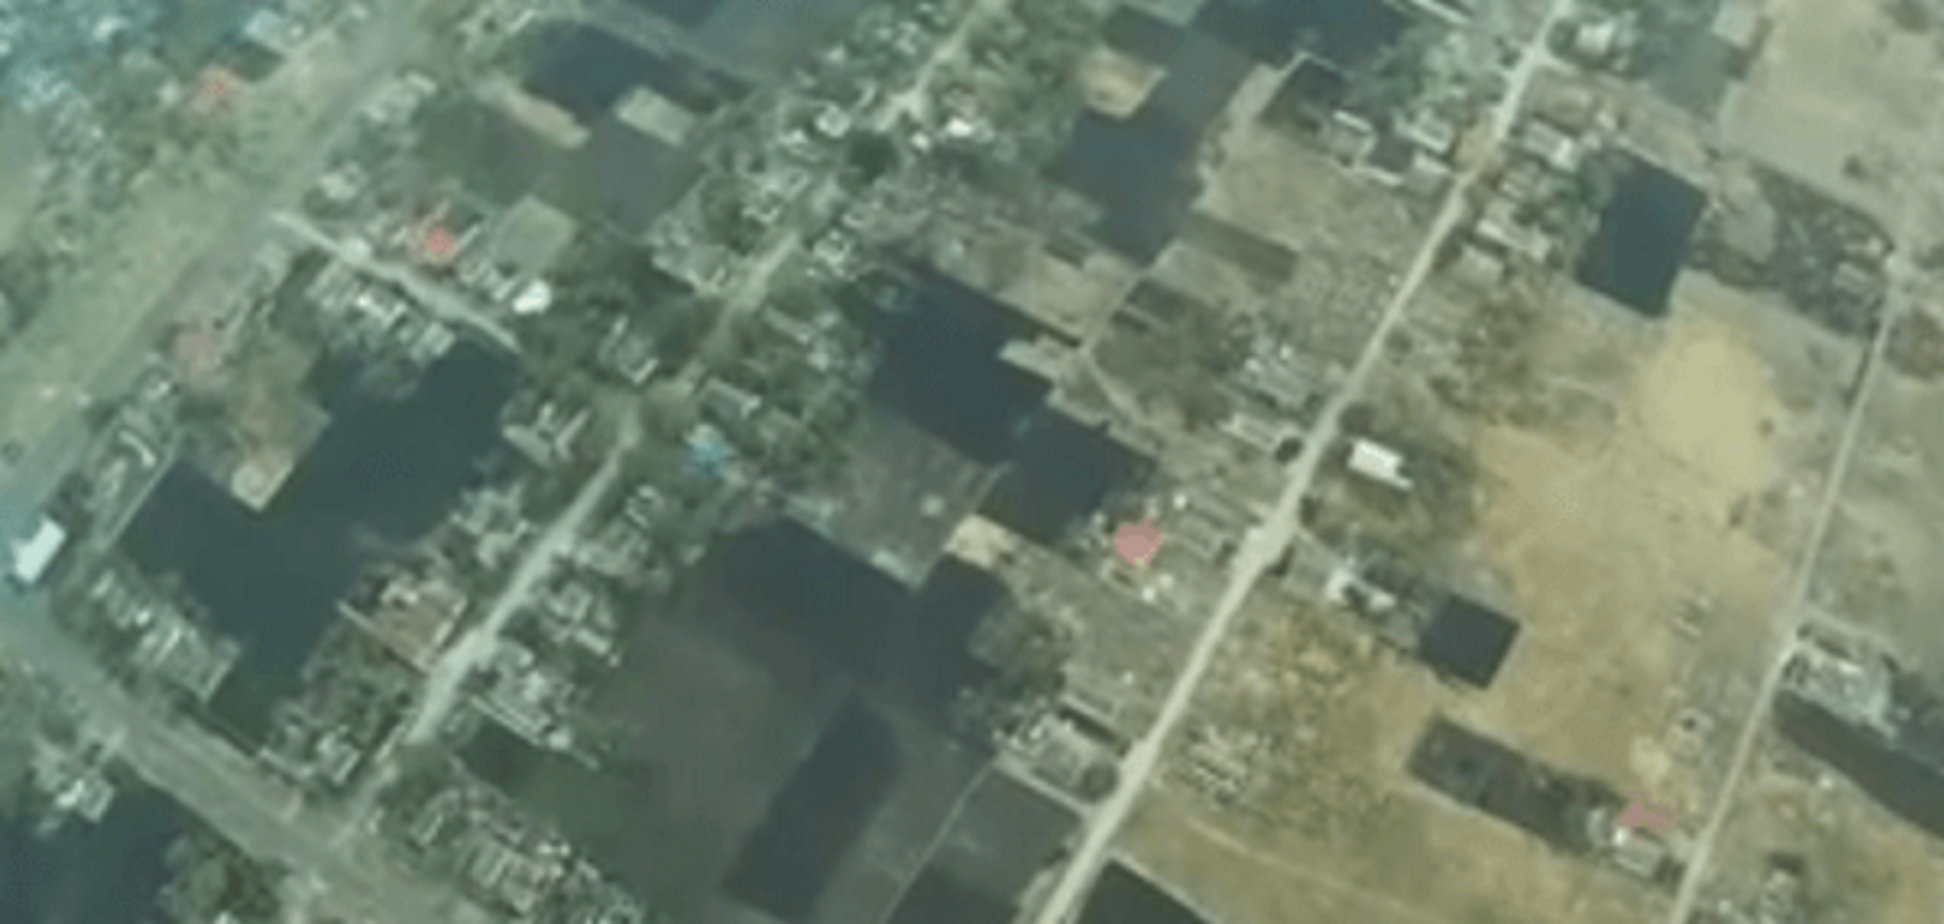 Пташеня долетіло: аеророзвідка показала унікальні кадри з 'пораненого' безпілотника. Відеофакт